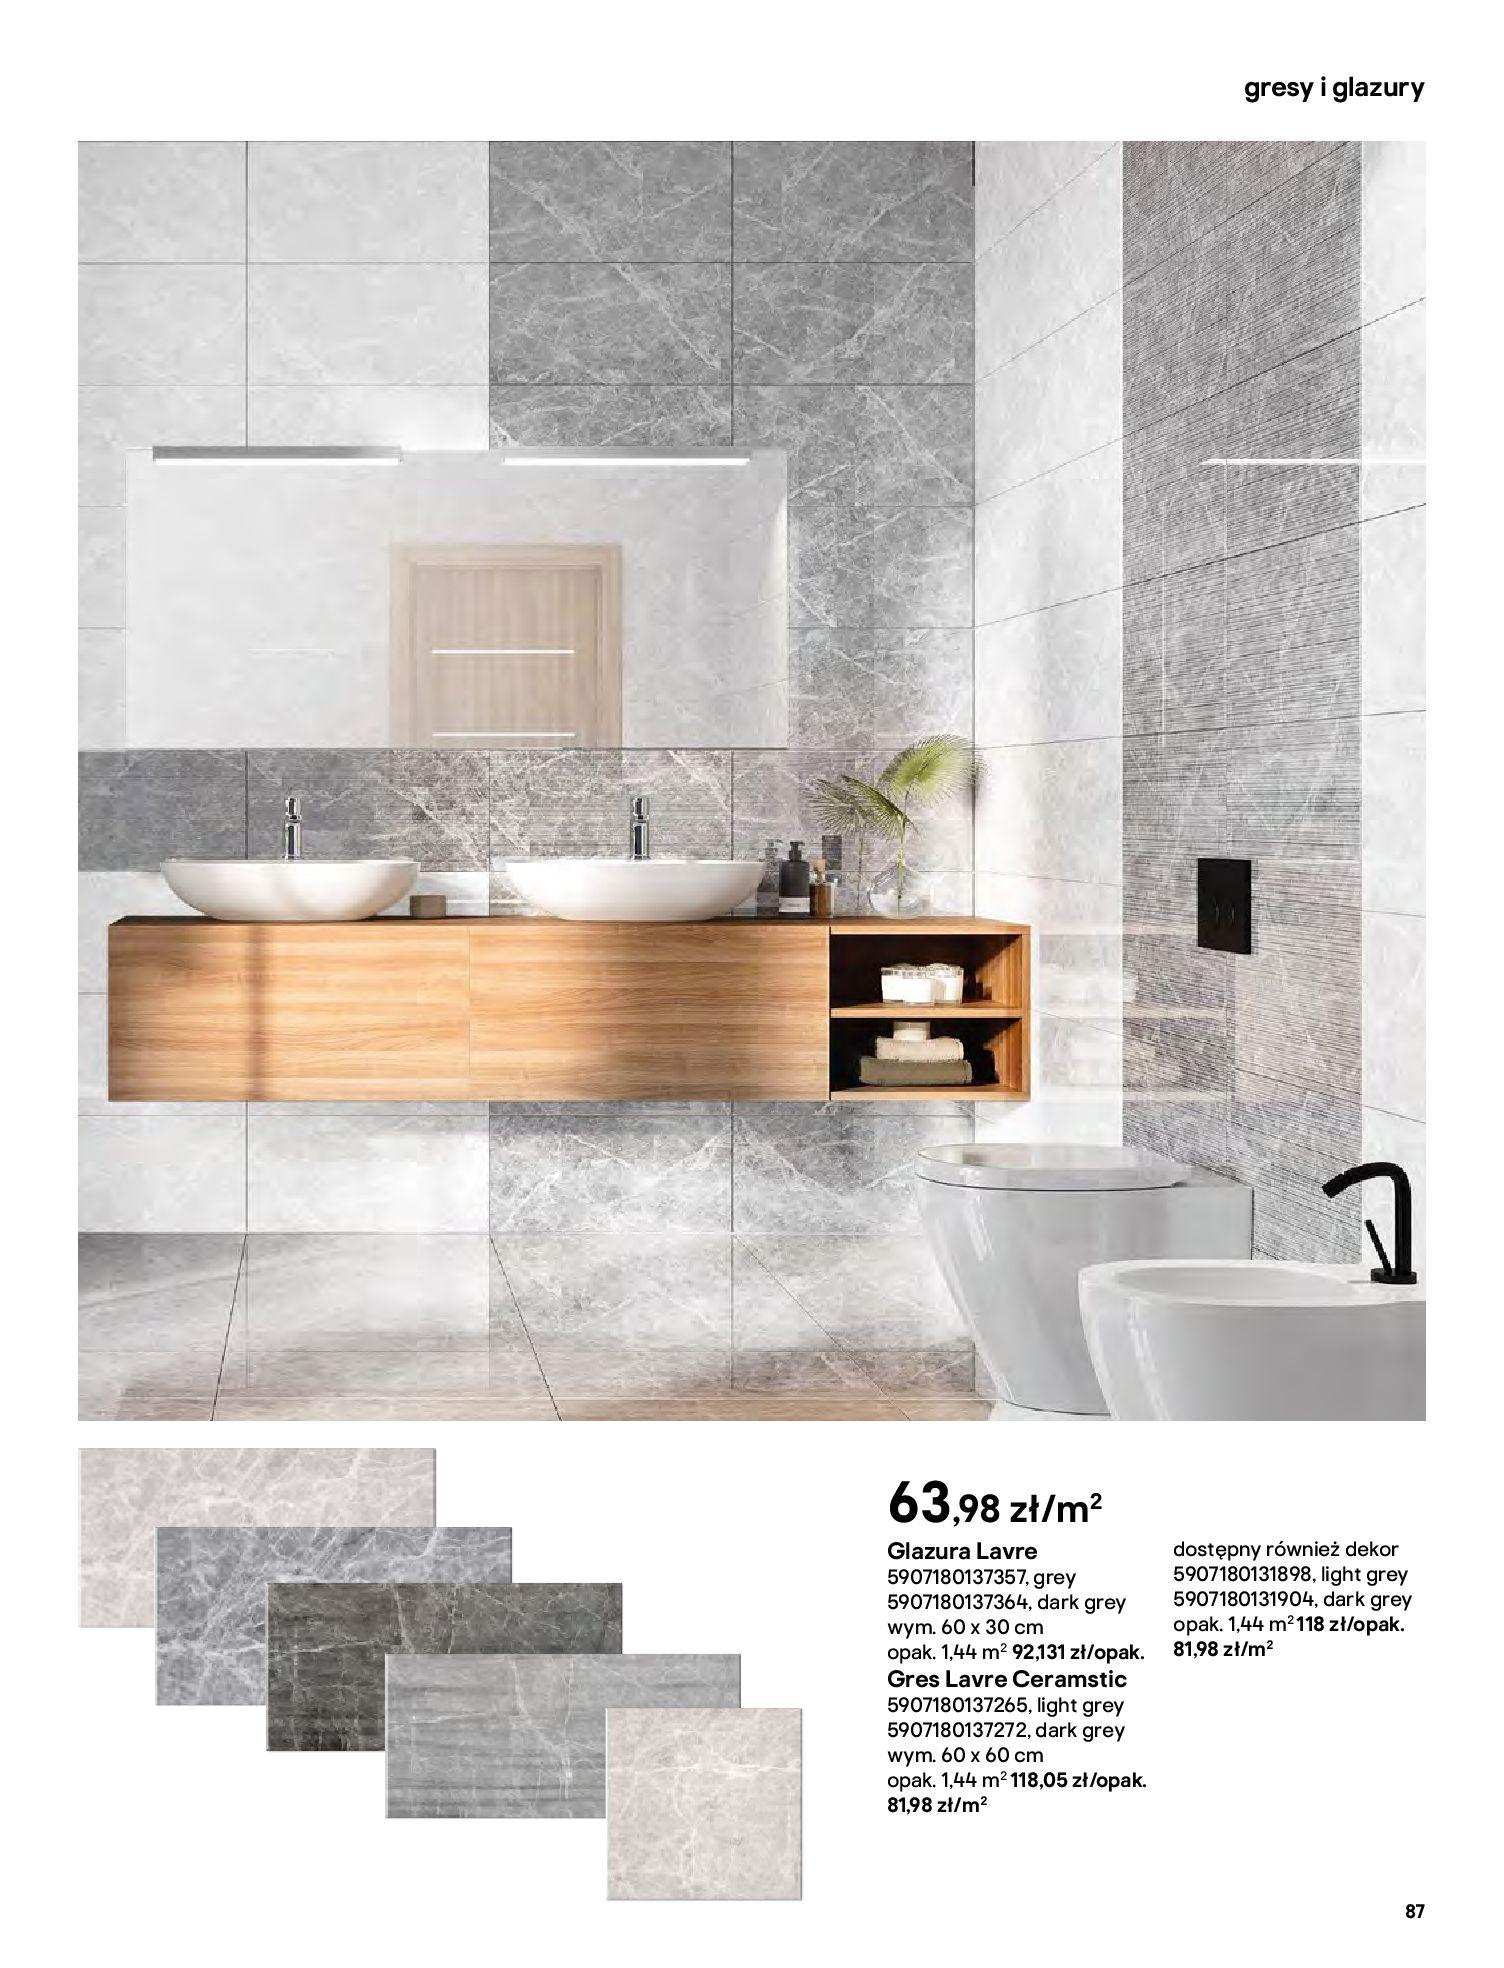 Gazetka Castorama: Gazetka Castorama - katalog łazienki 2021 2021-06-16 page-87